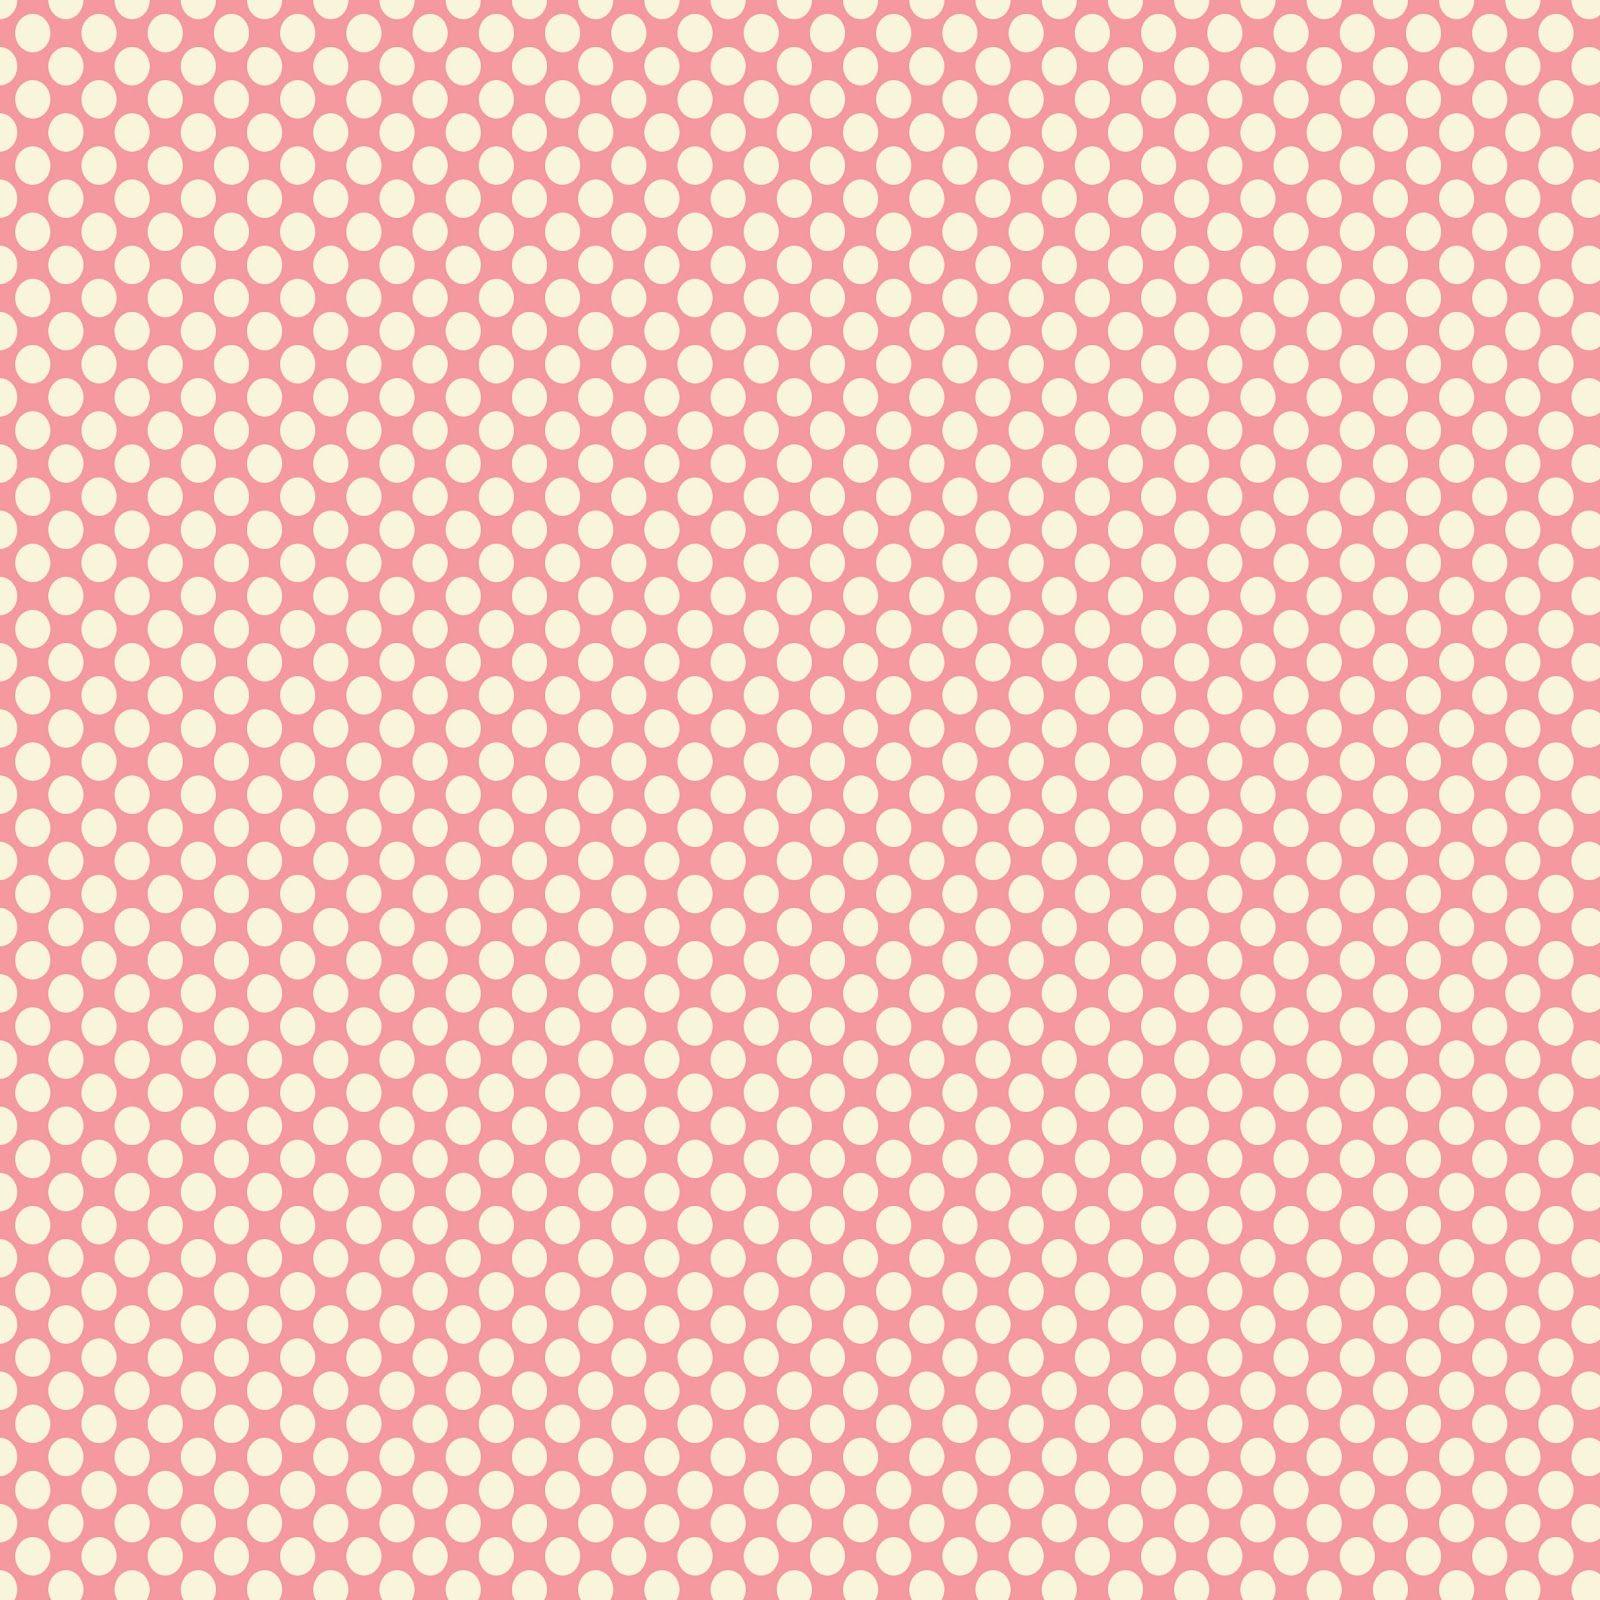 FREE ViNTaGE DiGiTaL STaMPS Polka Dot BackgroundPaper BackgroundPink